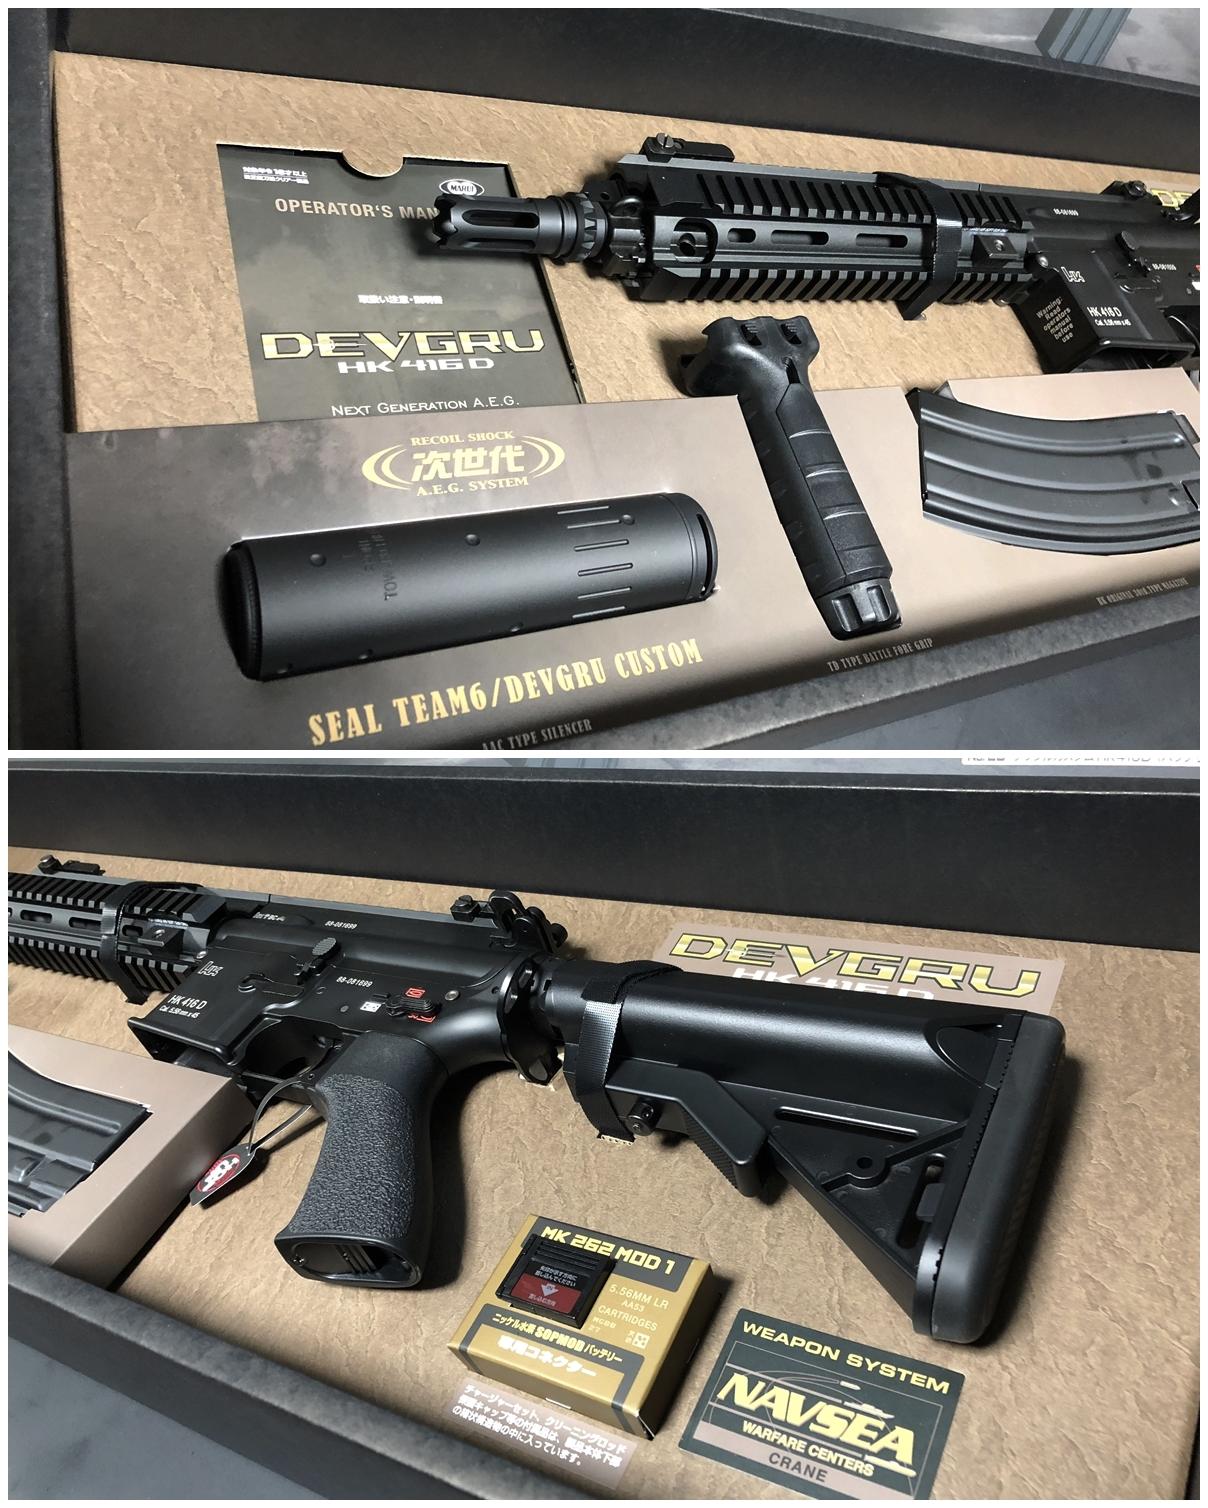 3 東京マルイ 次世代電動ガン HK416D DEVGRU デブグル アメリカ海軍特殊部隊 DEVGRU Seal Team6 新品 箱出し カスタム お勧めパーツ 取付 レビュー